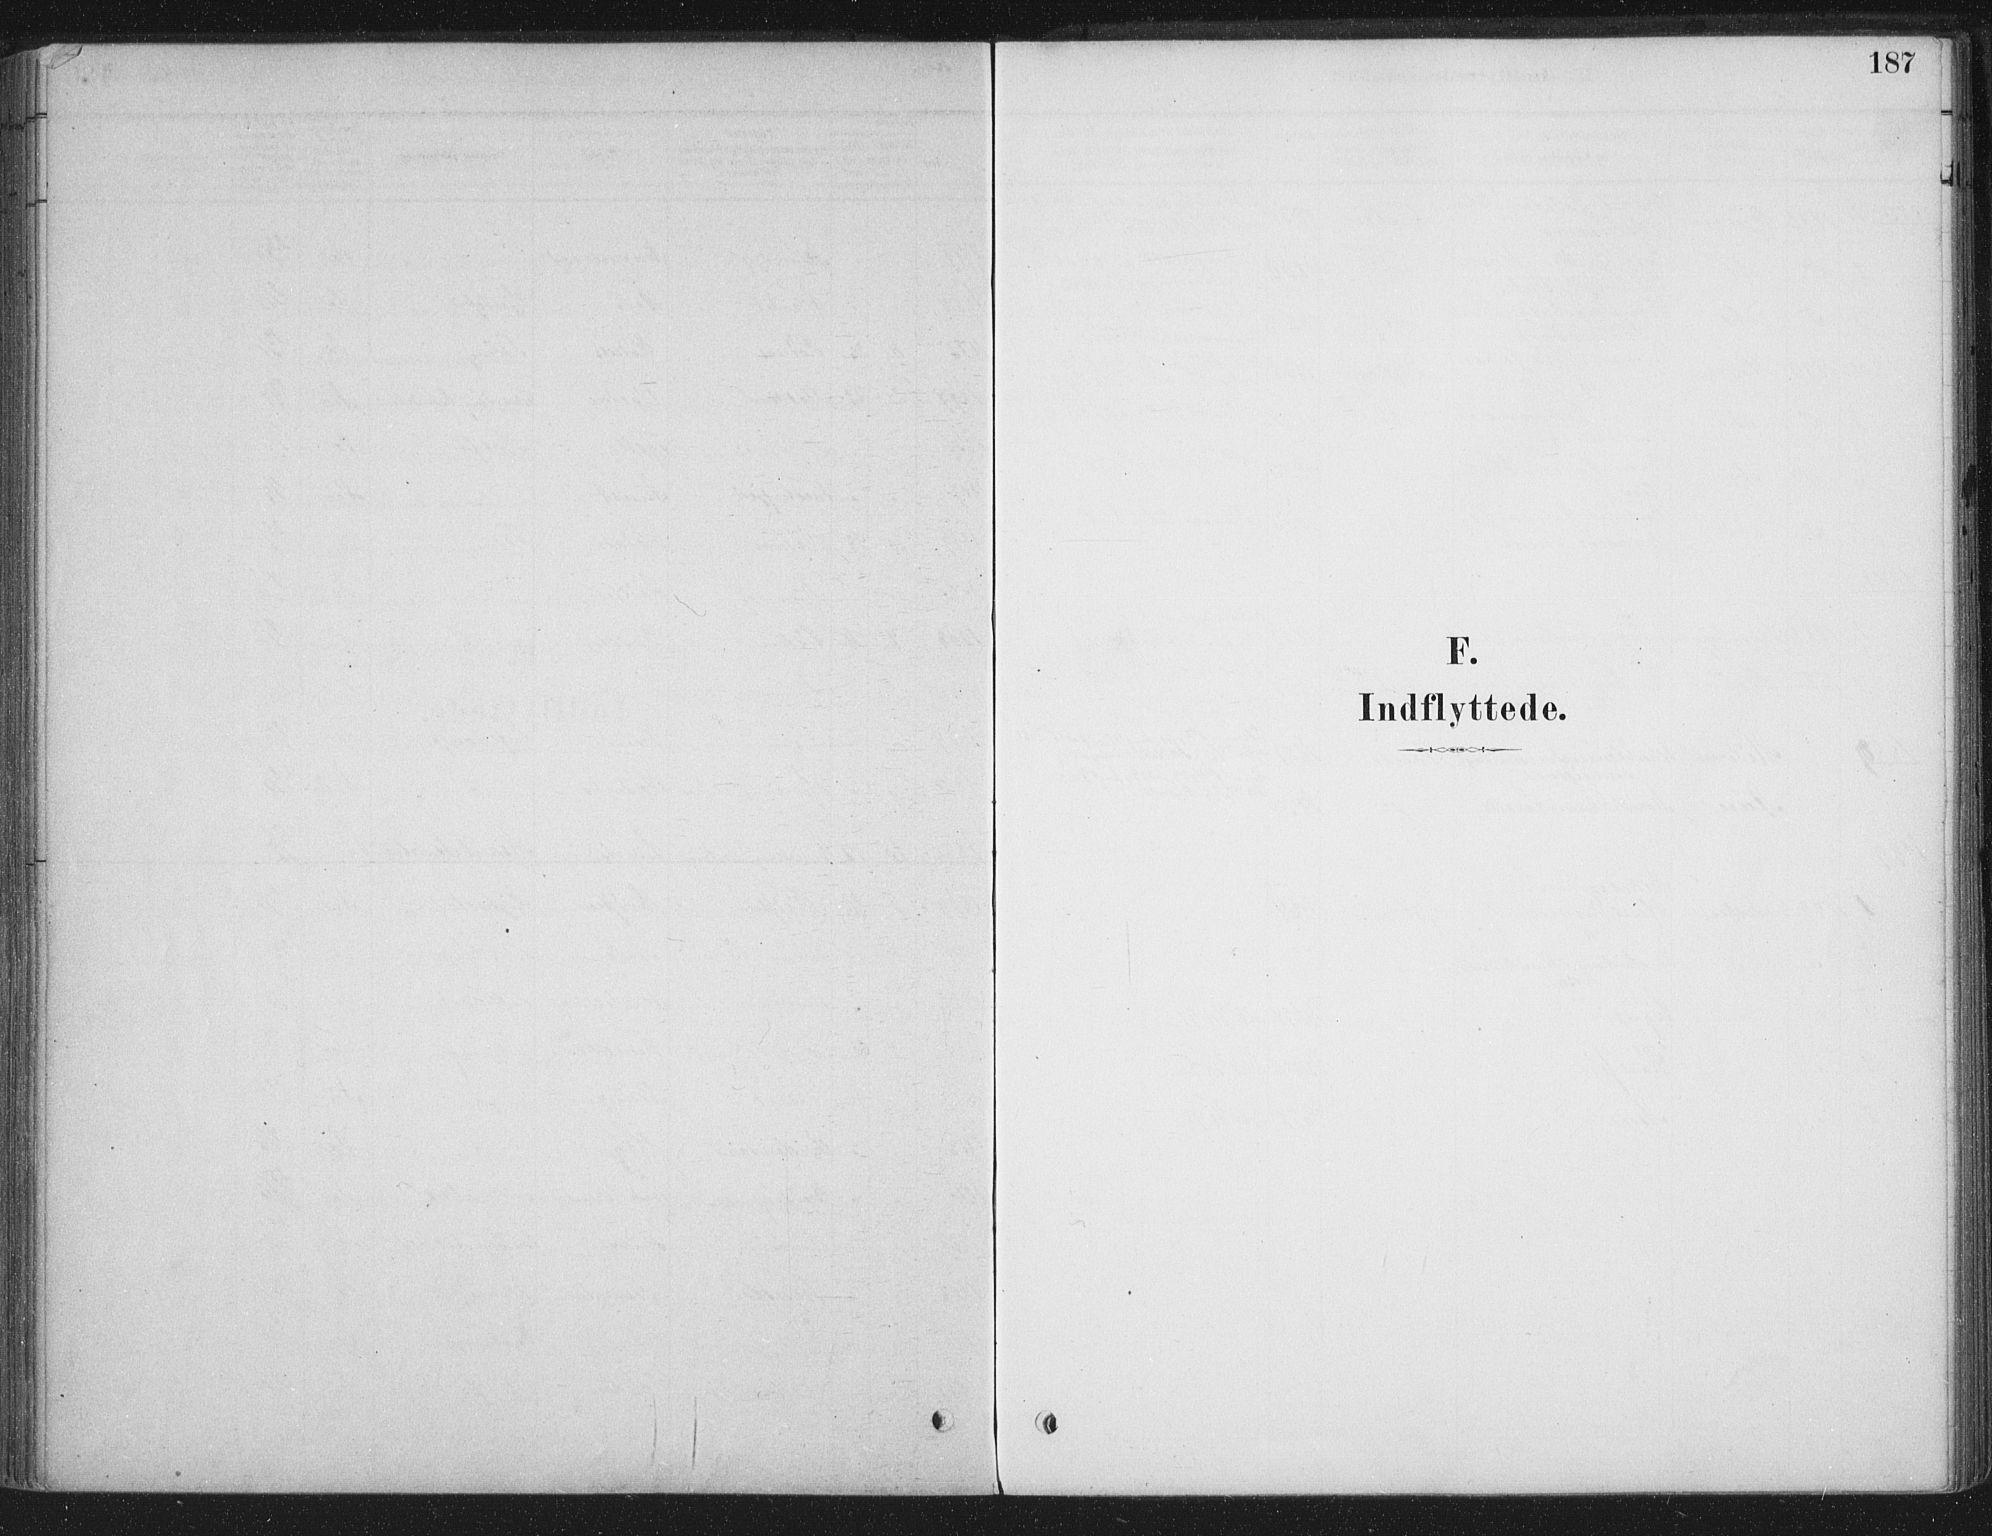 SAT, Ministerialprotokoller, klokkerbøker og fødselsregistre - Sør-Trøndelag, 662/L0755: Ministerialbok nr. 662A01, 1879-1905, s. 187